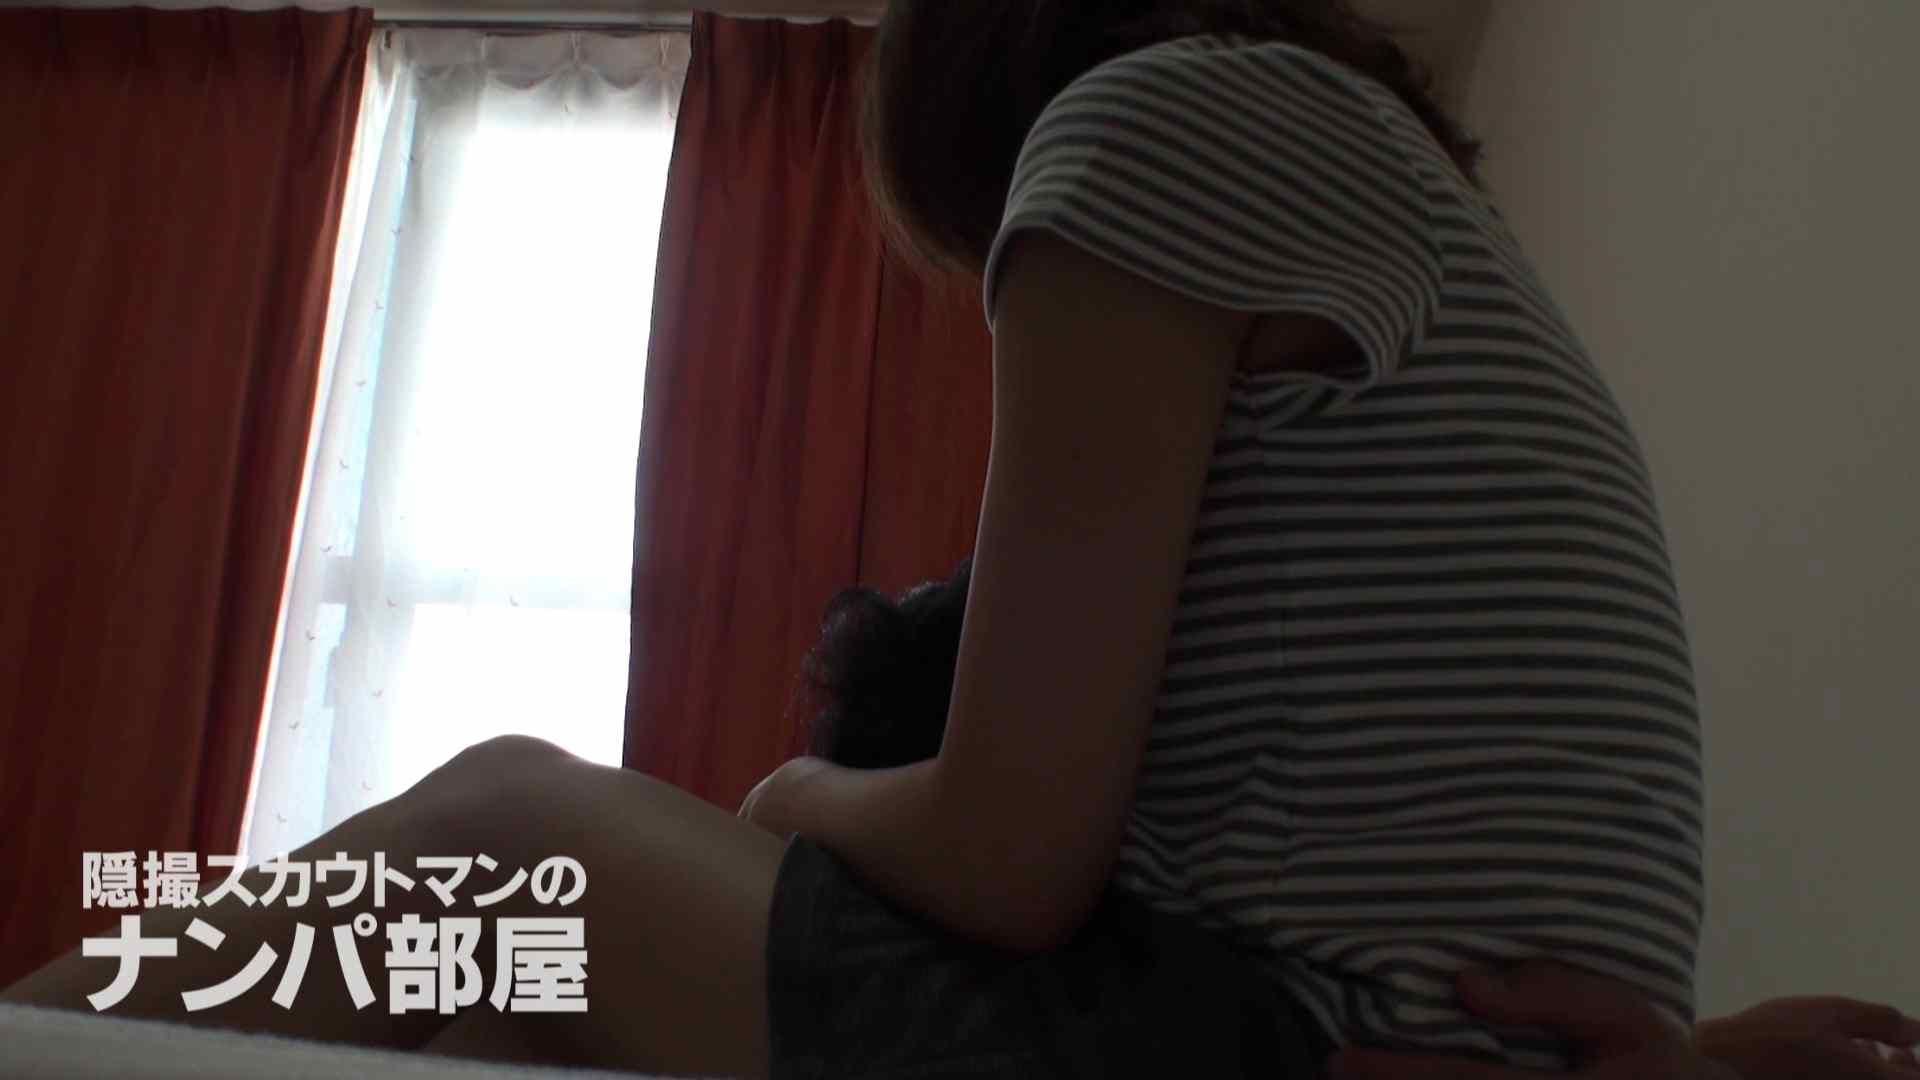 隠撮スカウトマンのナンパ部屋~風俗デビュー前のつまみ食い~ siivol.3 隠撮 | SEXプレイ  105連発 69